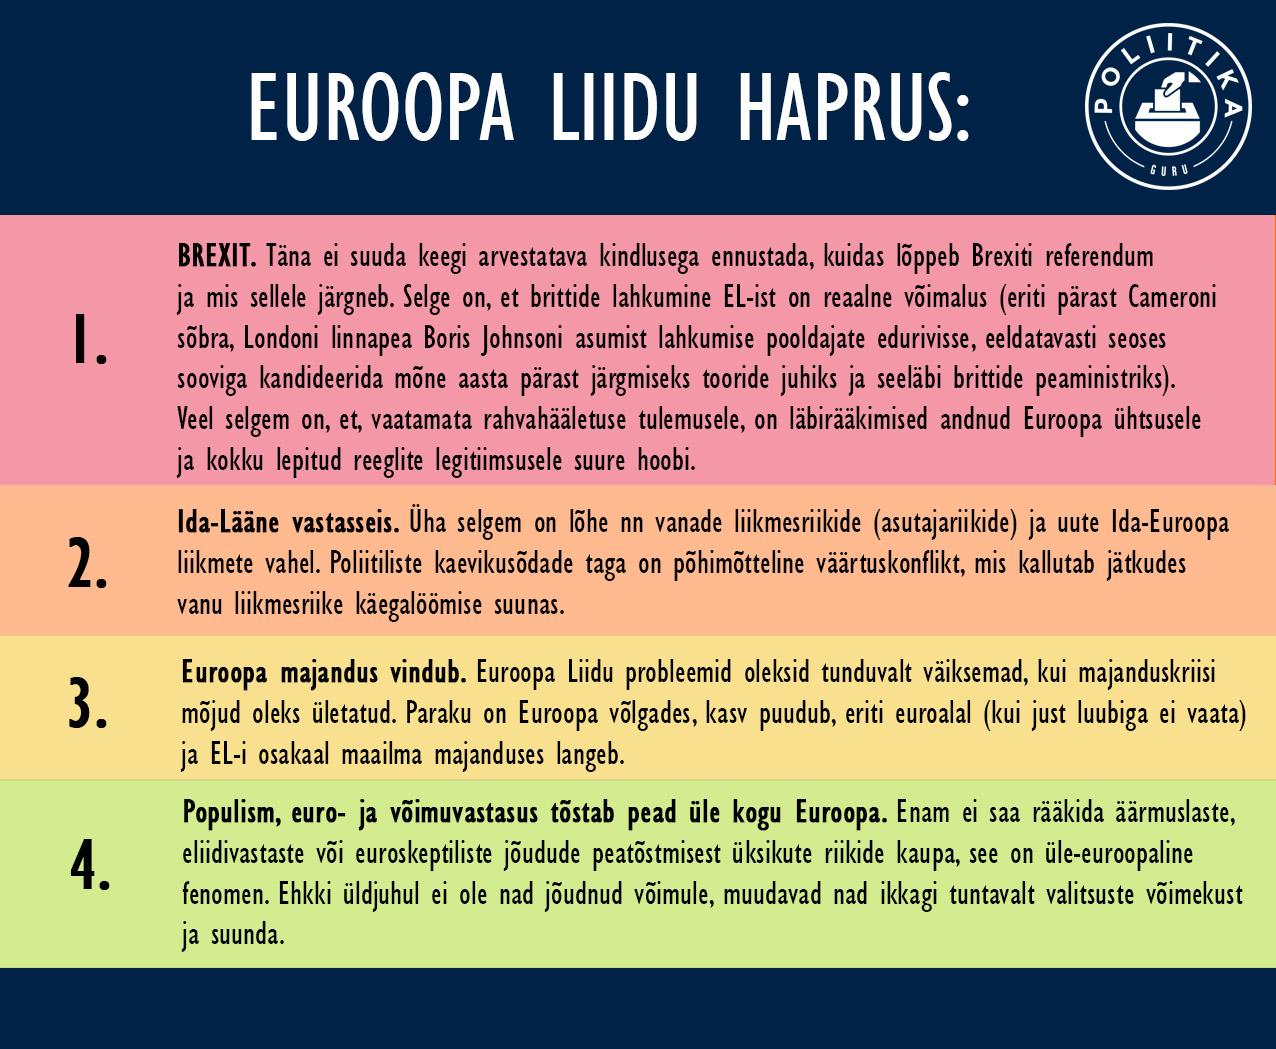 Euroopa Liidu haprus